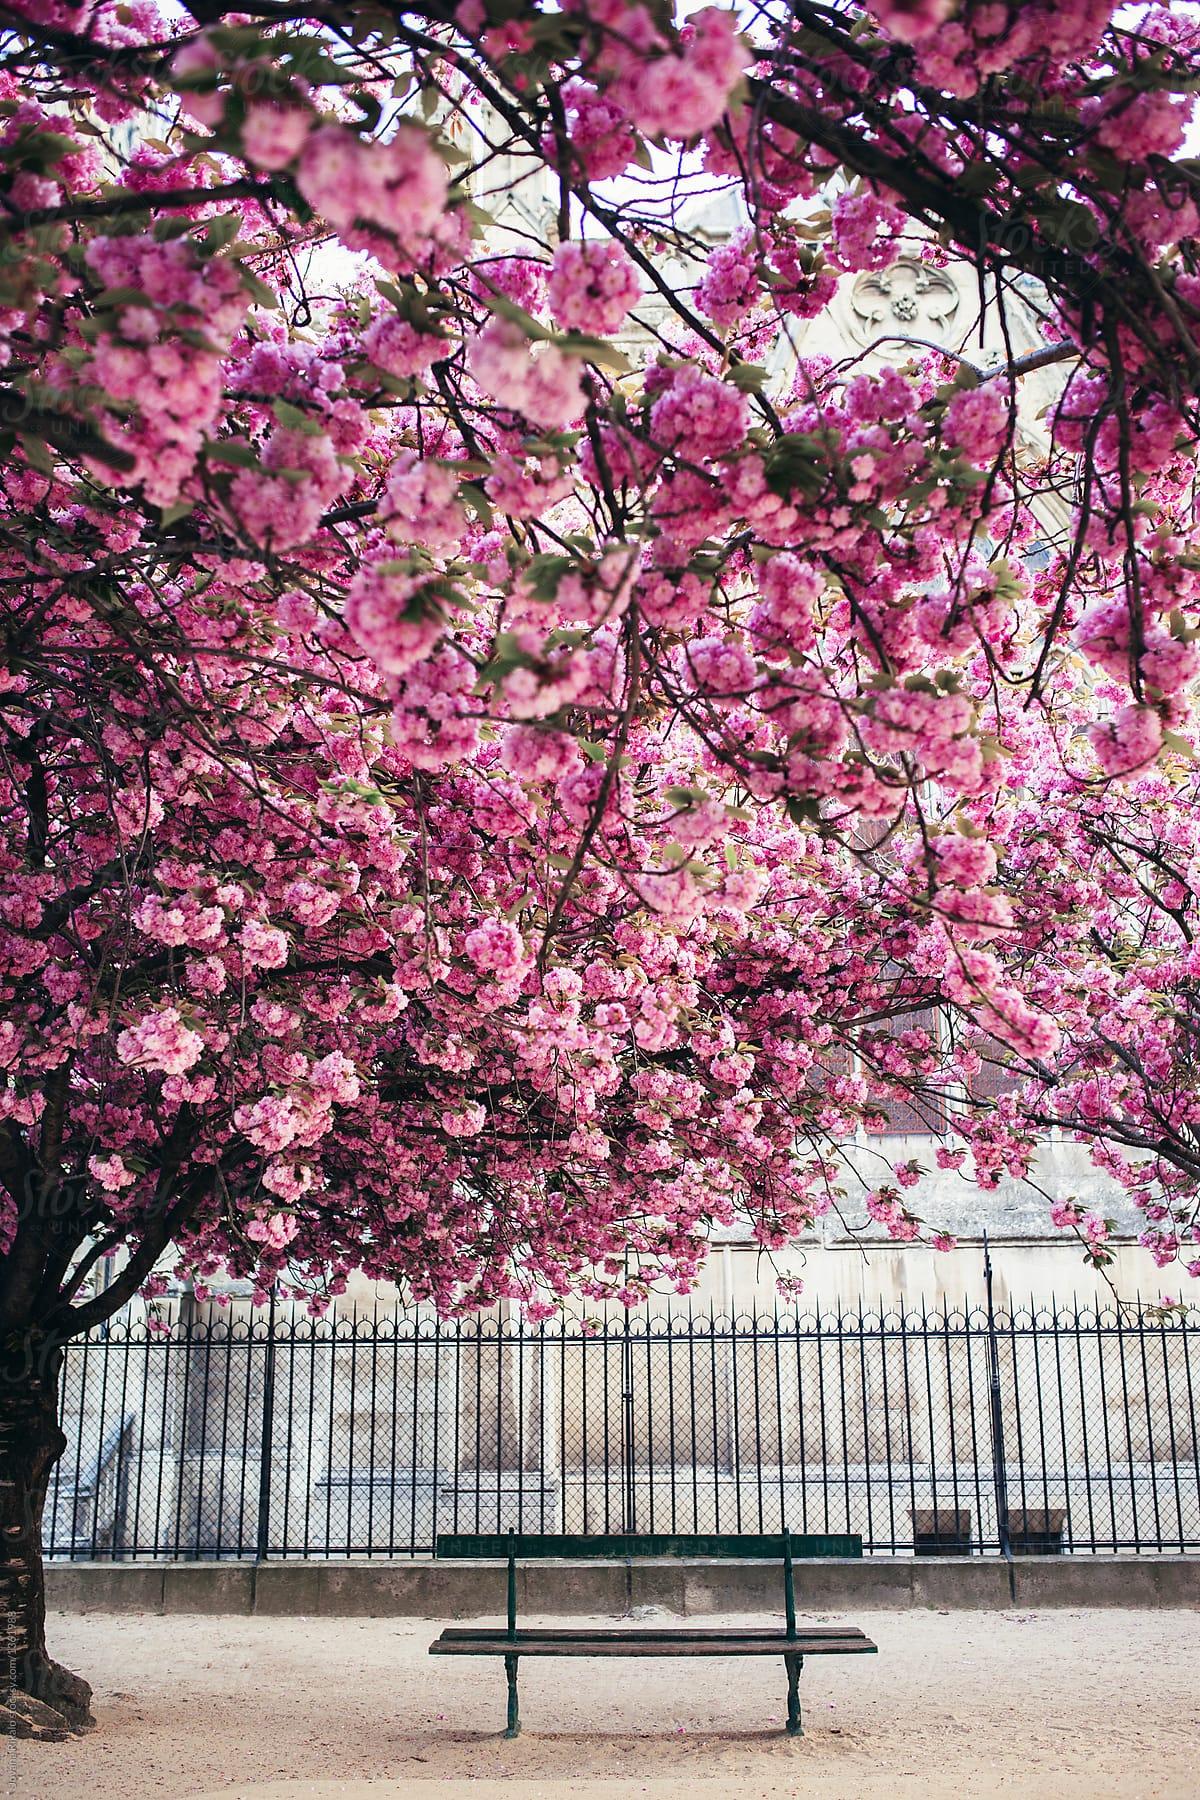 Bench under the big pink tree stocksy united bench under the big pink tree by jovana rikalo for stocksy united mightylinksfo